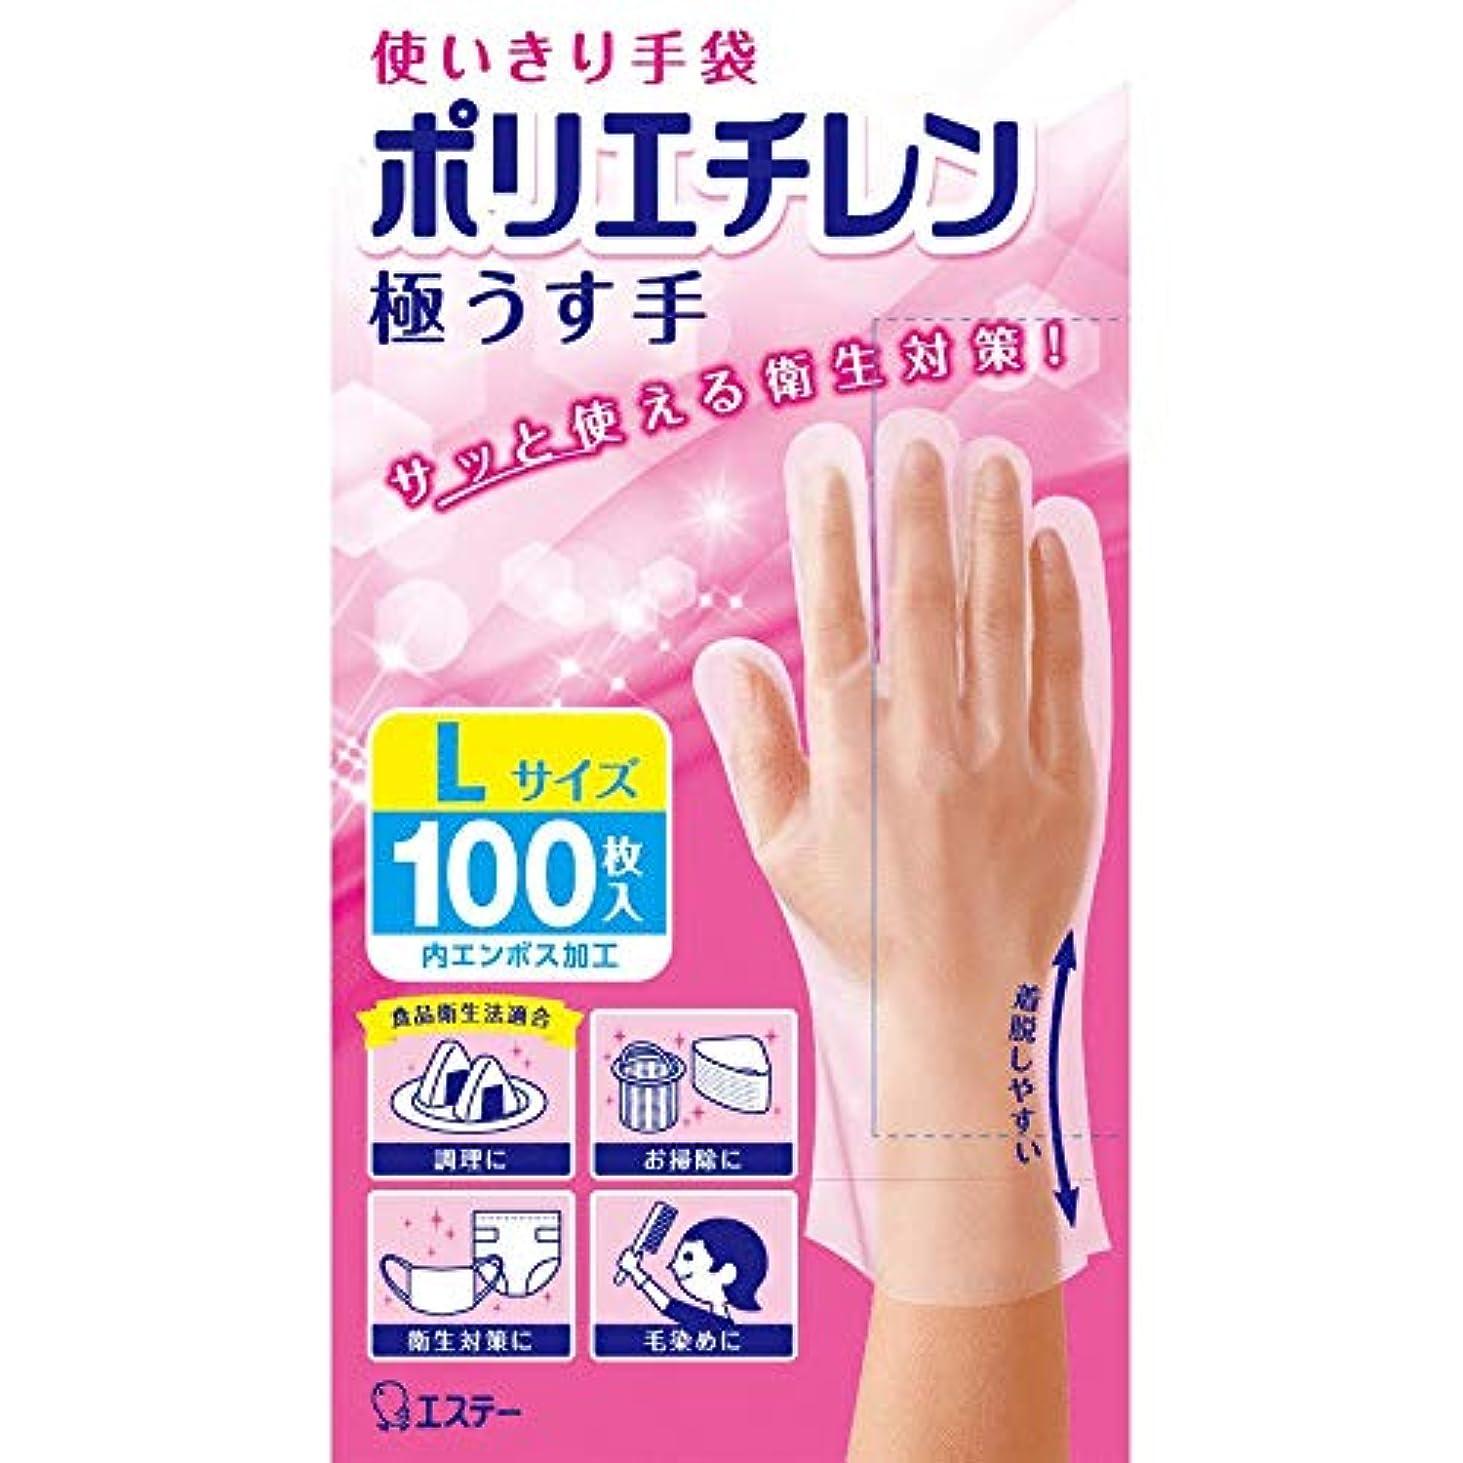 【24個まとめ買い】使いきり手袋 ポリエチレン 極うす手 Lサイズ 半透明 100枚 使い捨て ×24個